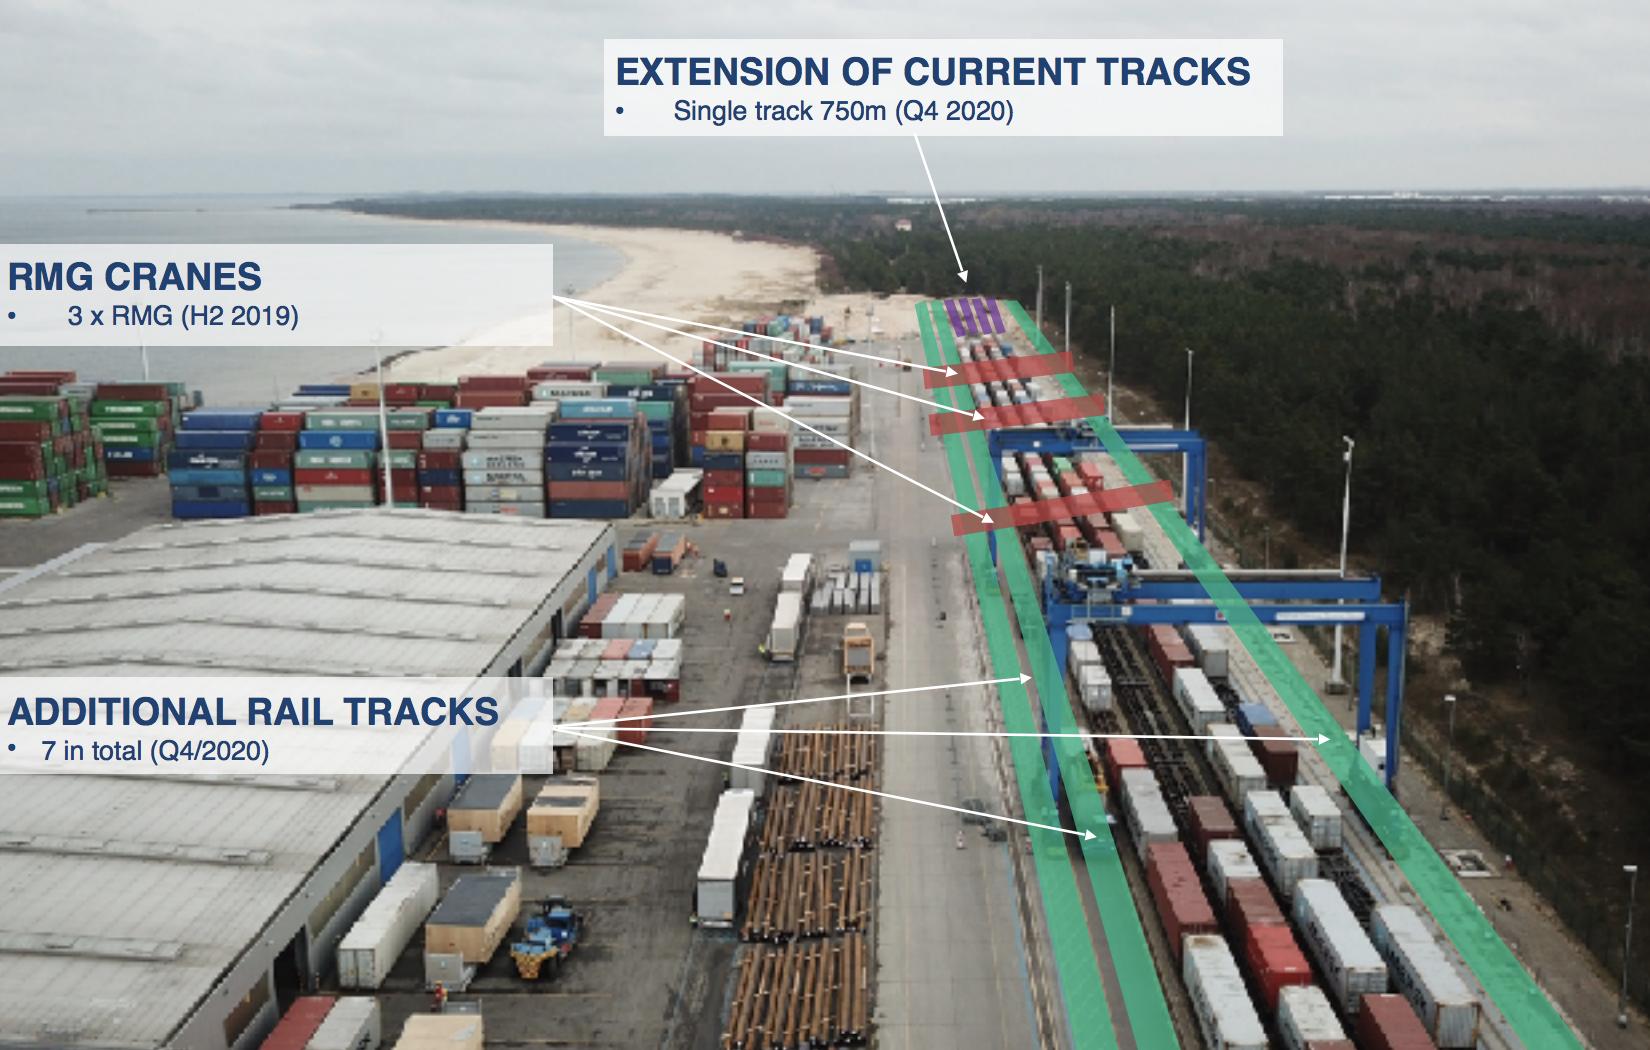 Port of Gdansk expansion